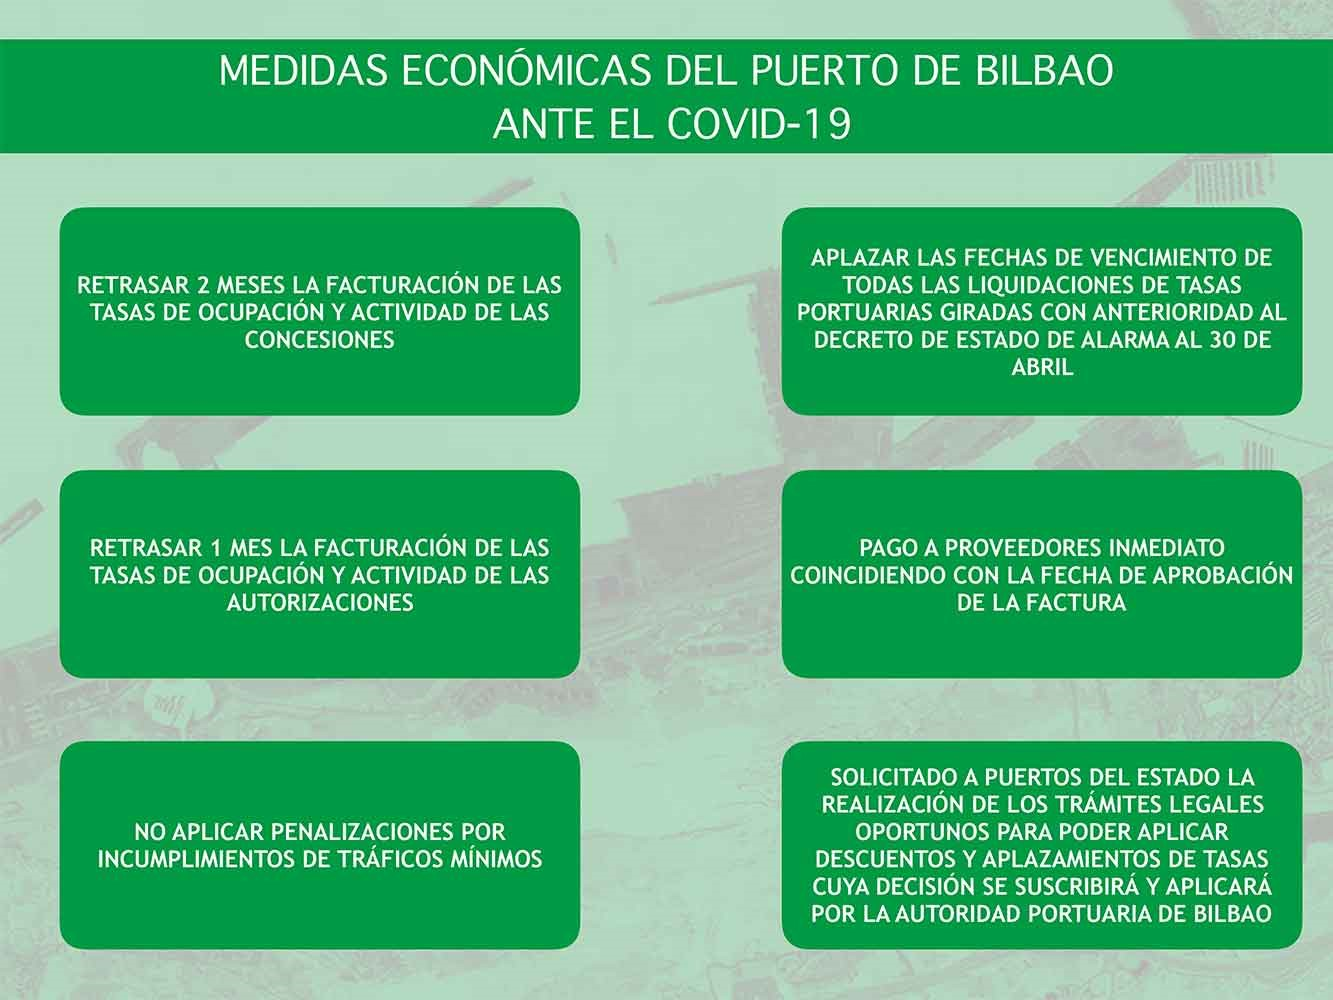 Medidas económicas de la APB ante el COVID-19